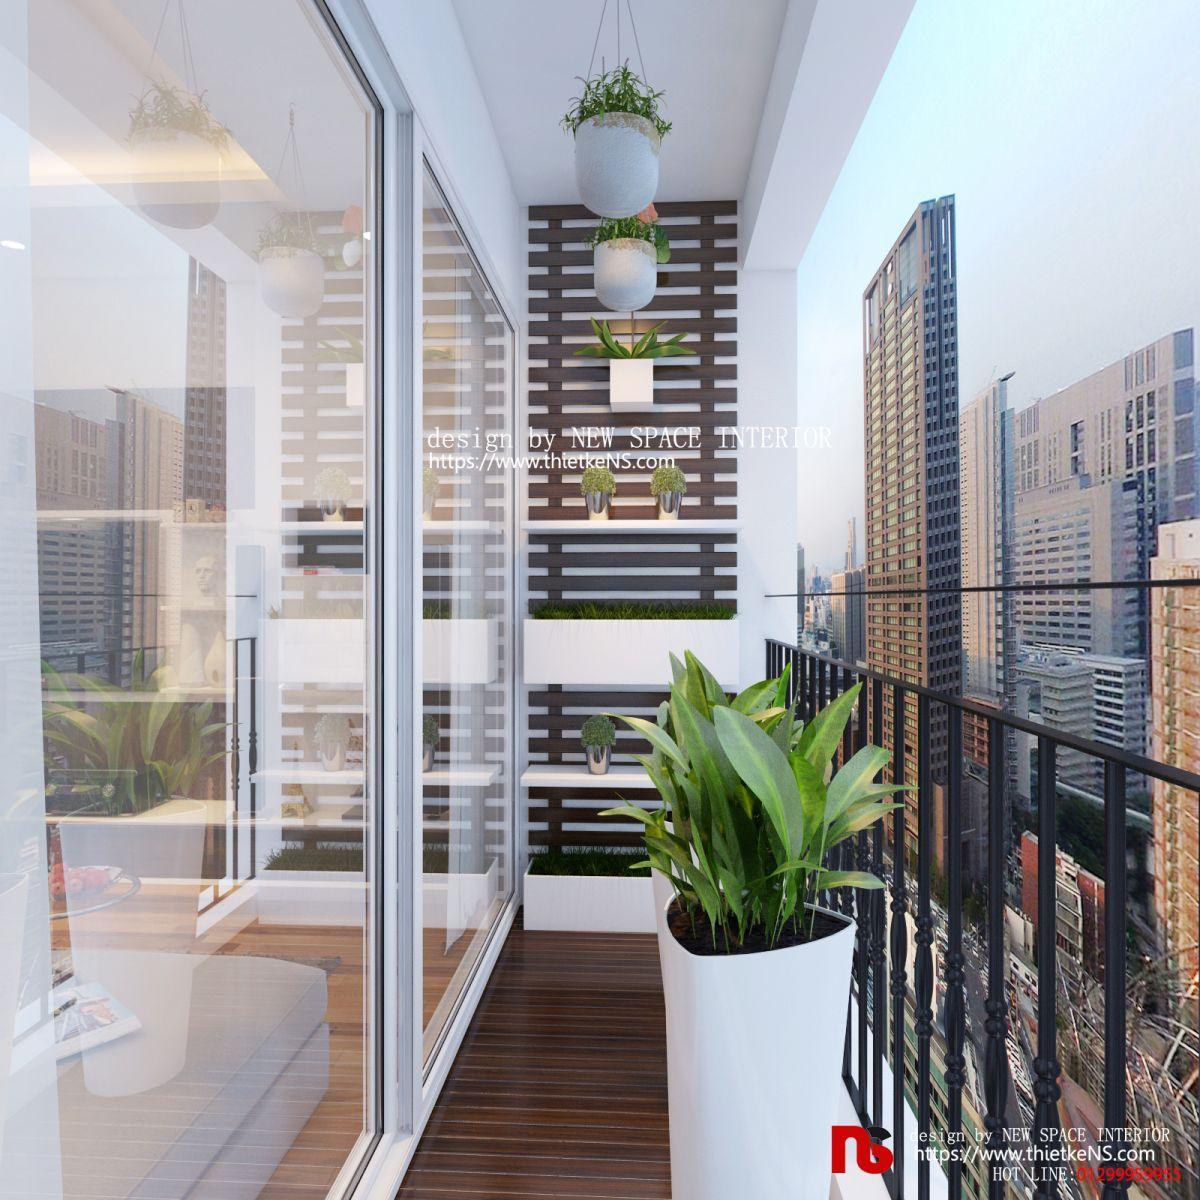 Thiết kế nội thất chung cư không gian ban công